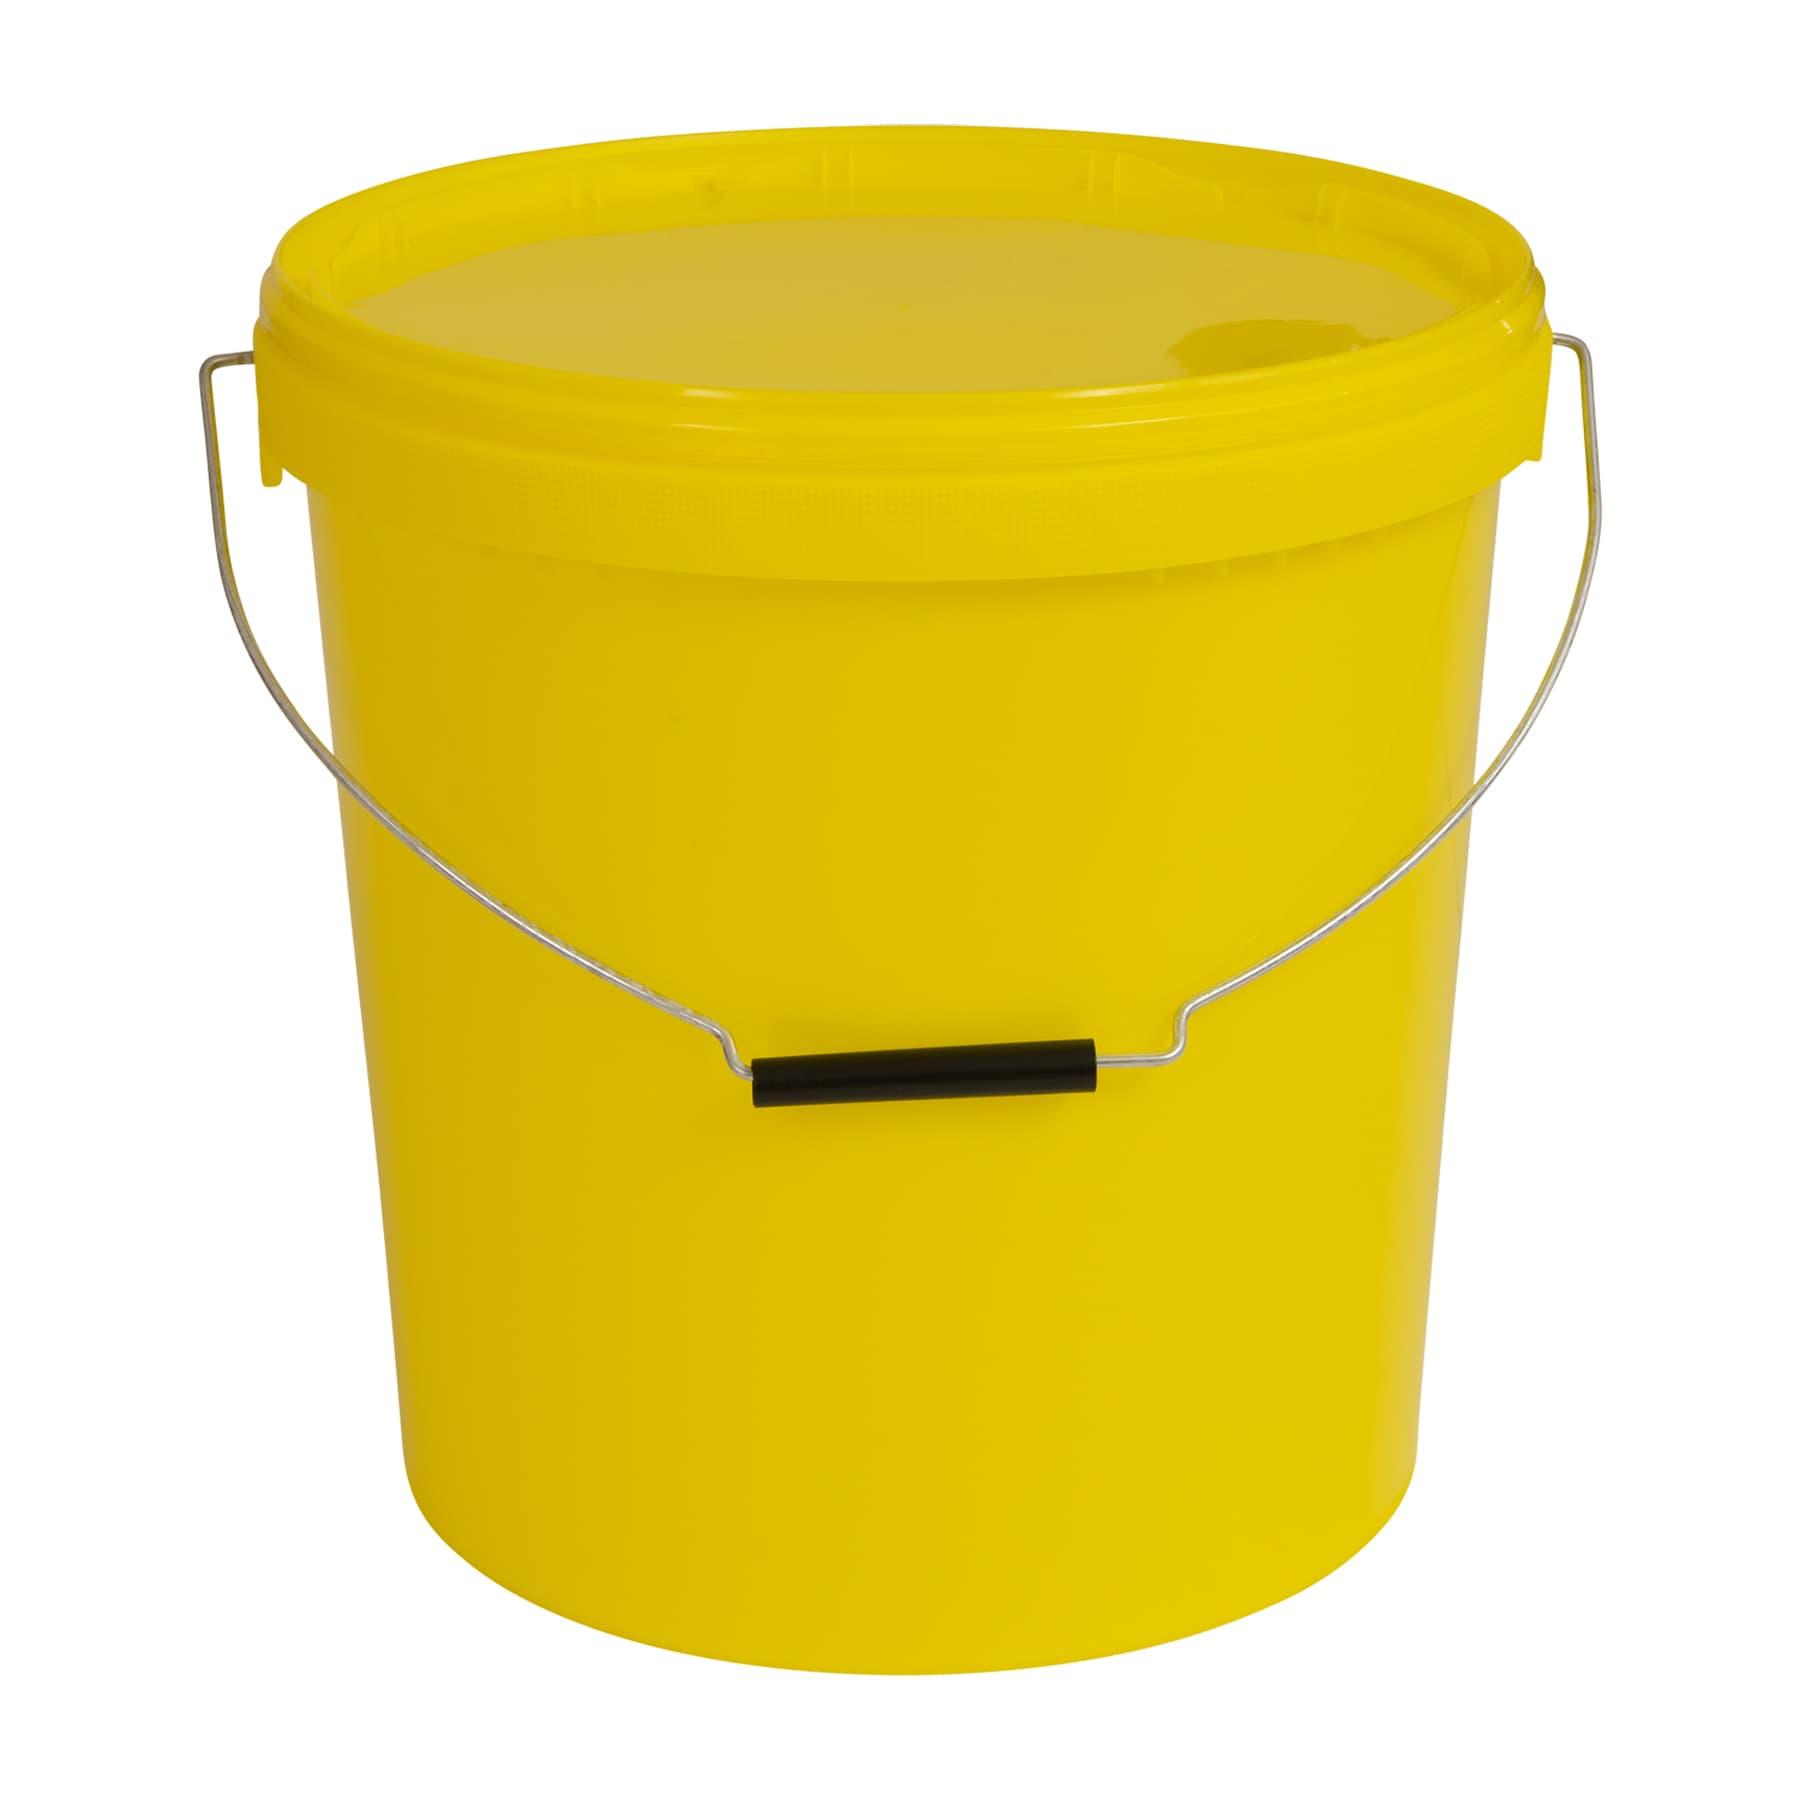 Honigeimer mit Metall-Tragebügel für ca. 25 kg Honig